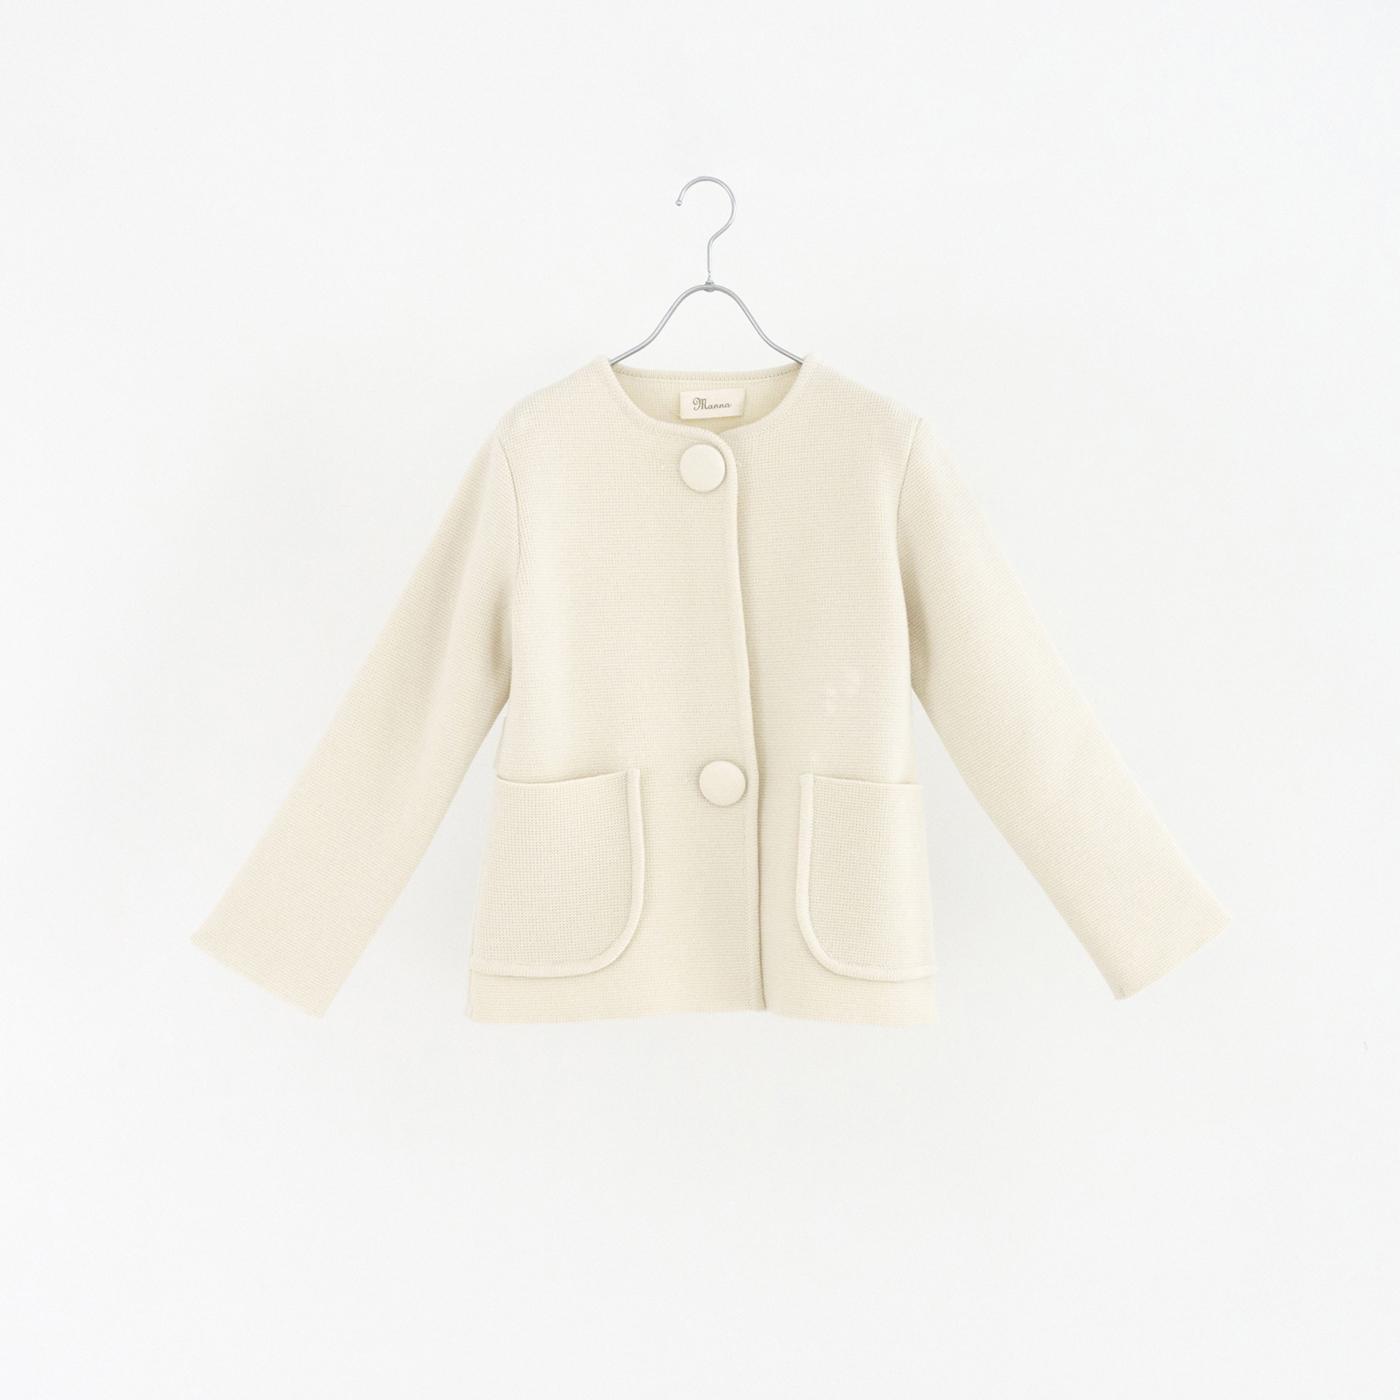 198552 white ¥46,000+tax